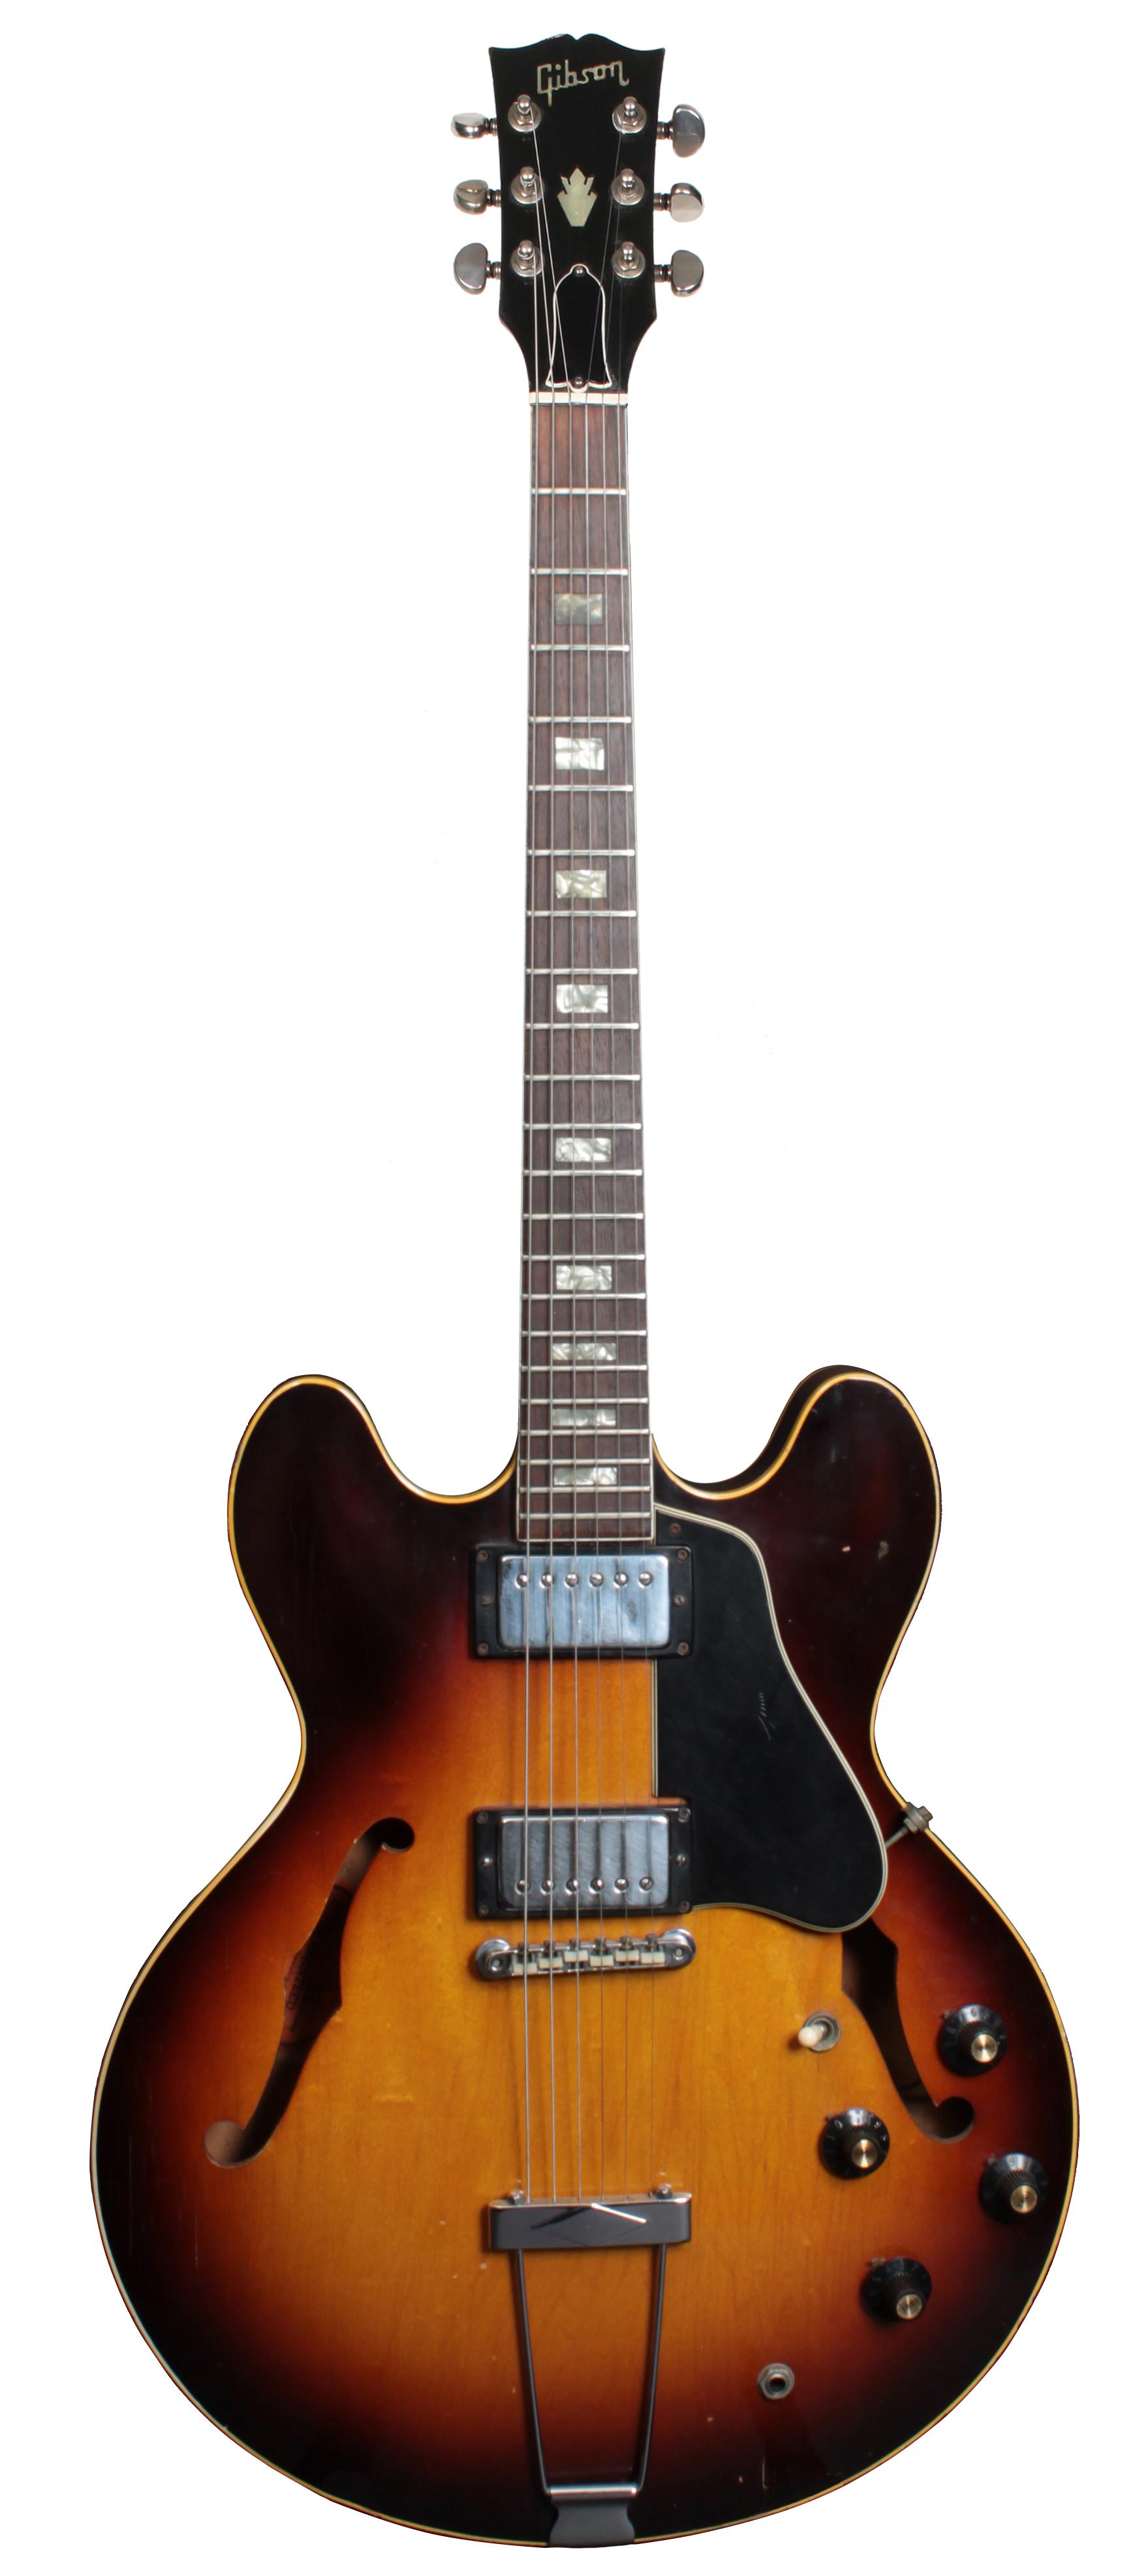 gibson es 335 1968 sunburst e gitarren vintage mj guitars. Black Bedroom Furniture Sets. Home Design Ideas